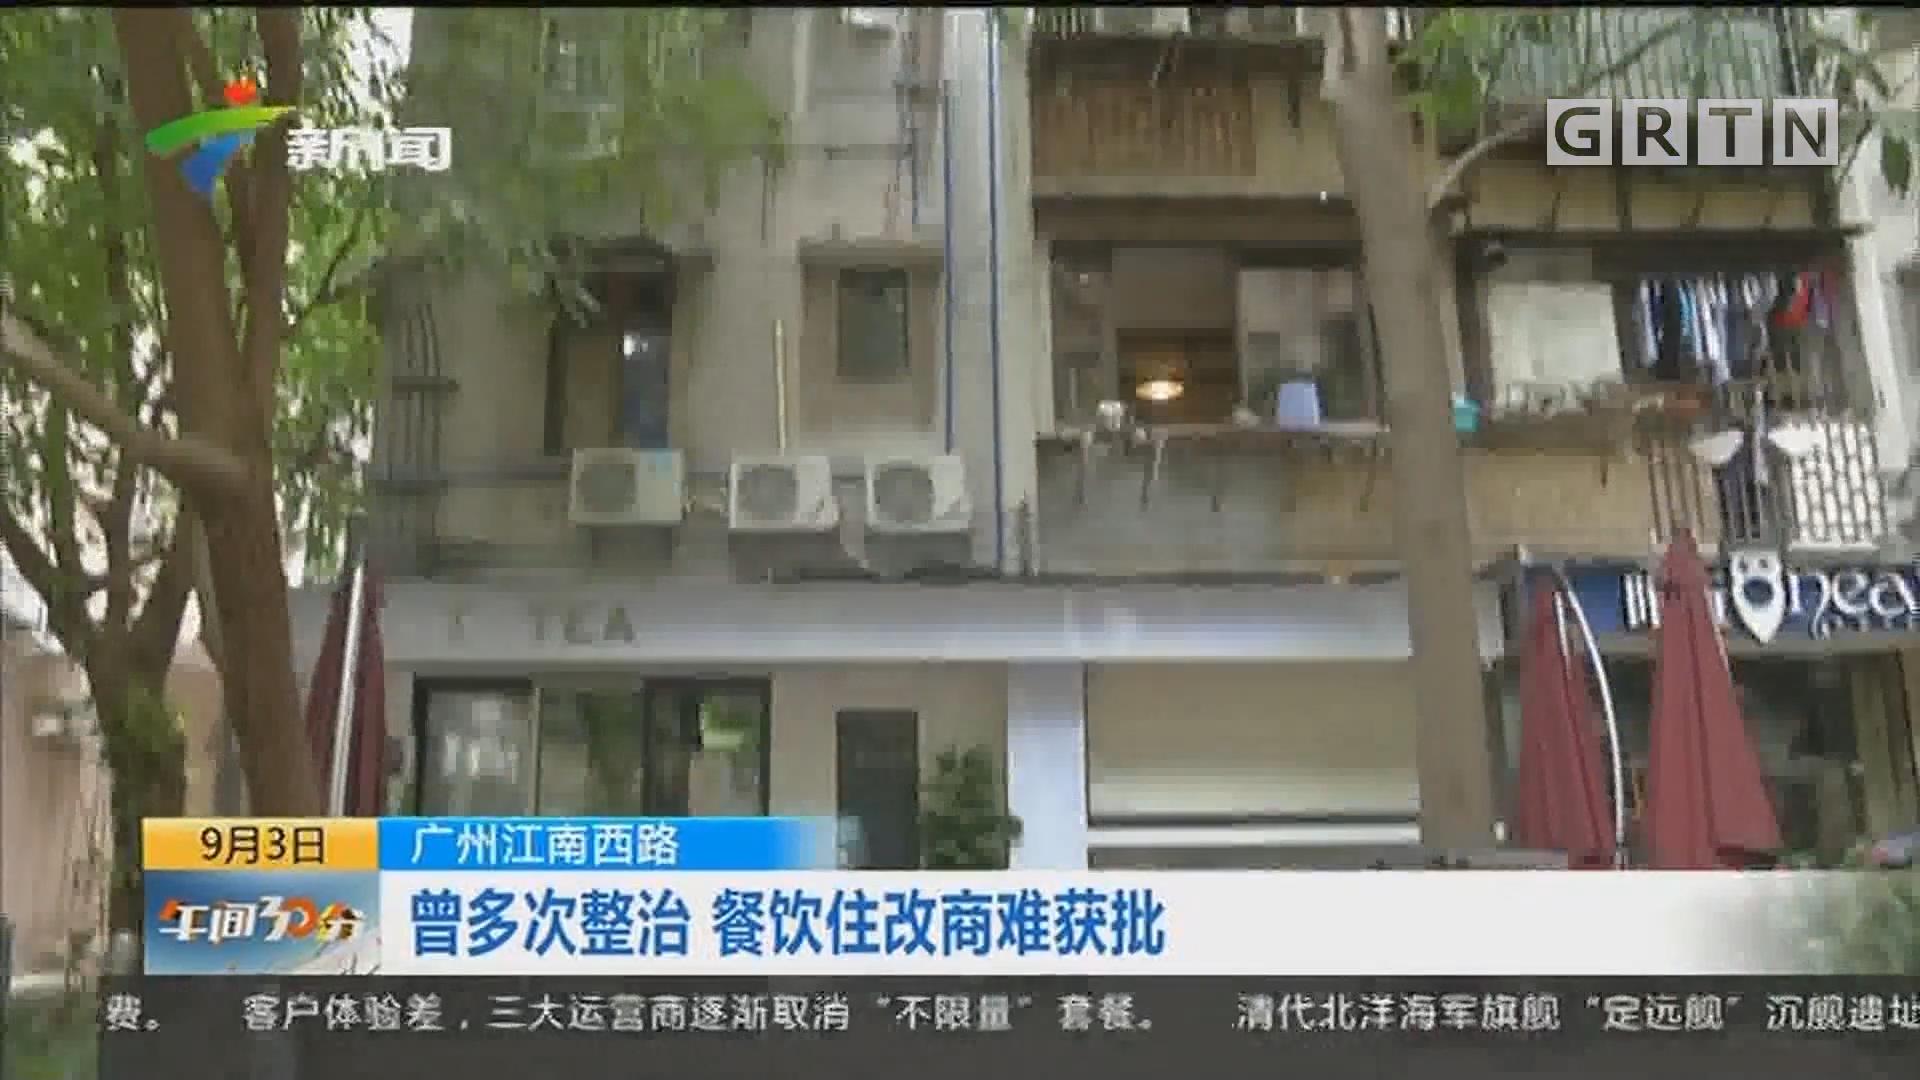 """广州江南西路:""""网红""""餐厅林立 油烟噪音扰民"""